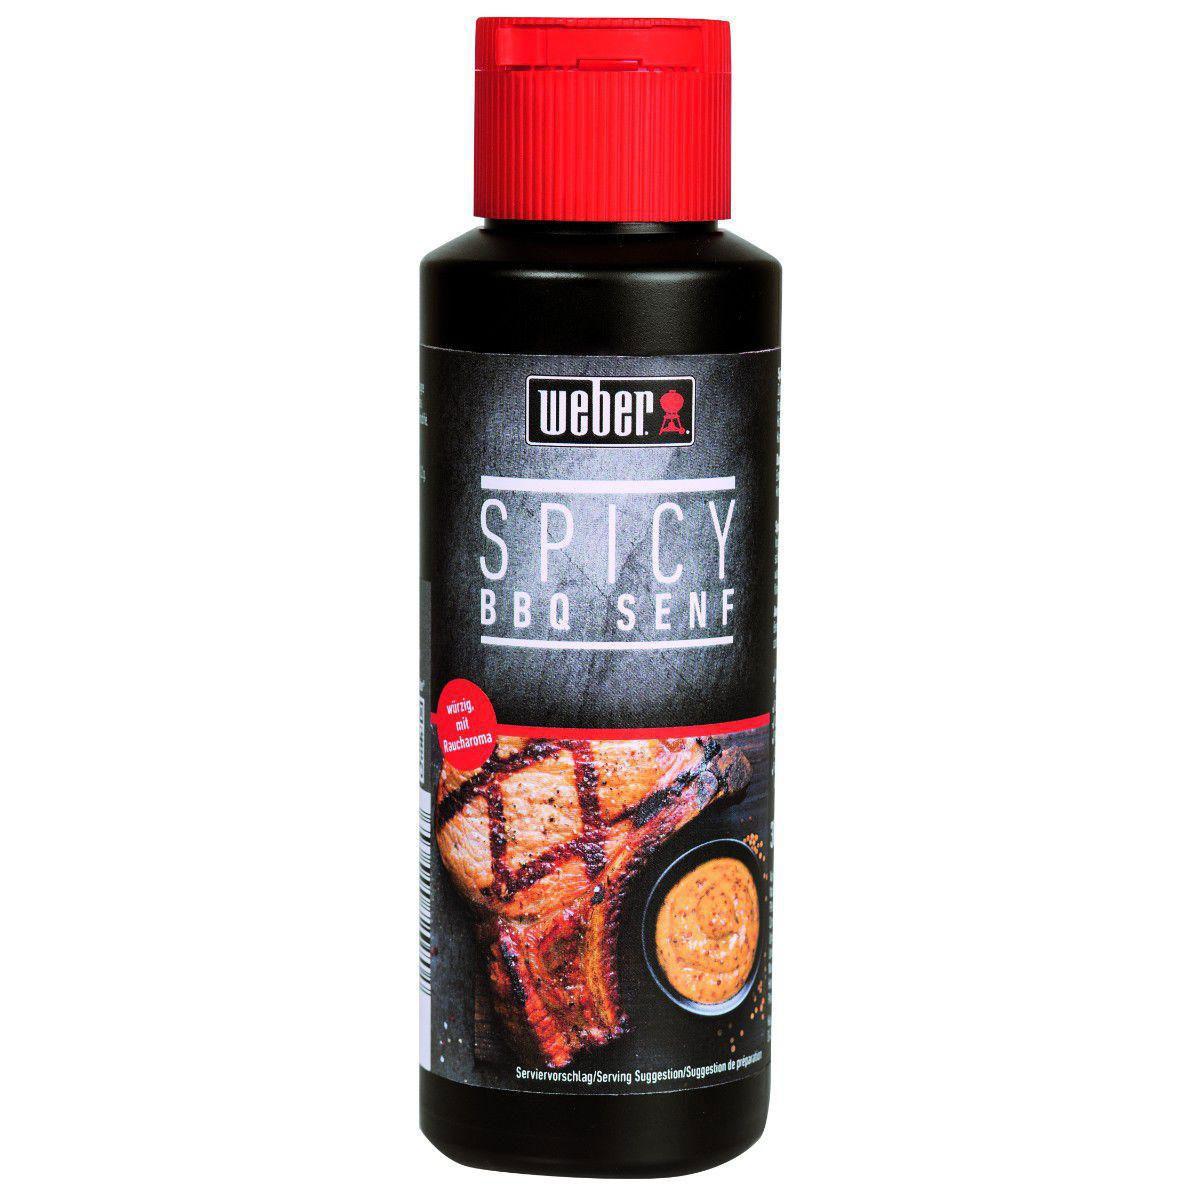 Weber Spicy BBQ Senf 300ml Bild 1